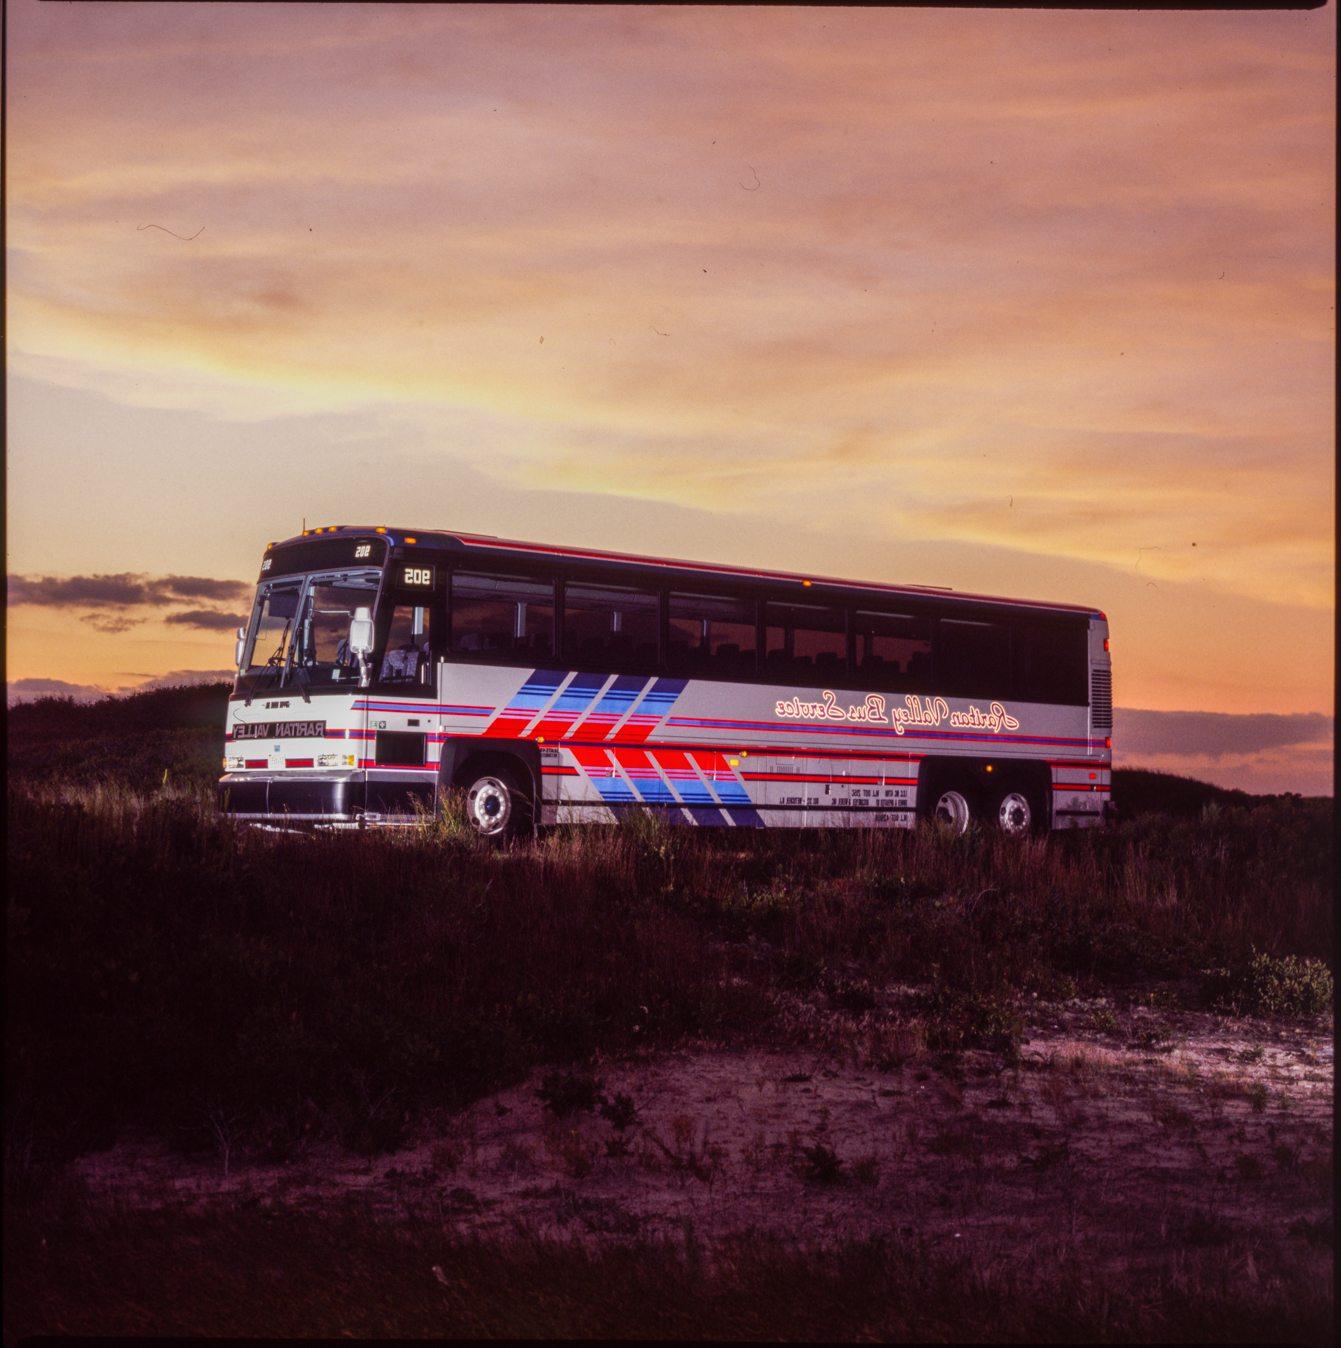 Tauck Tour Bus - James Schot